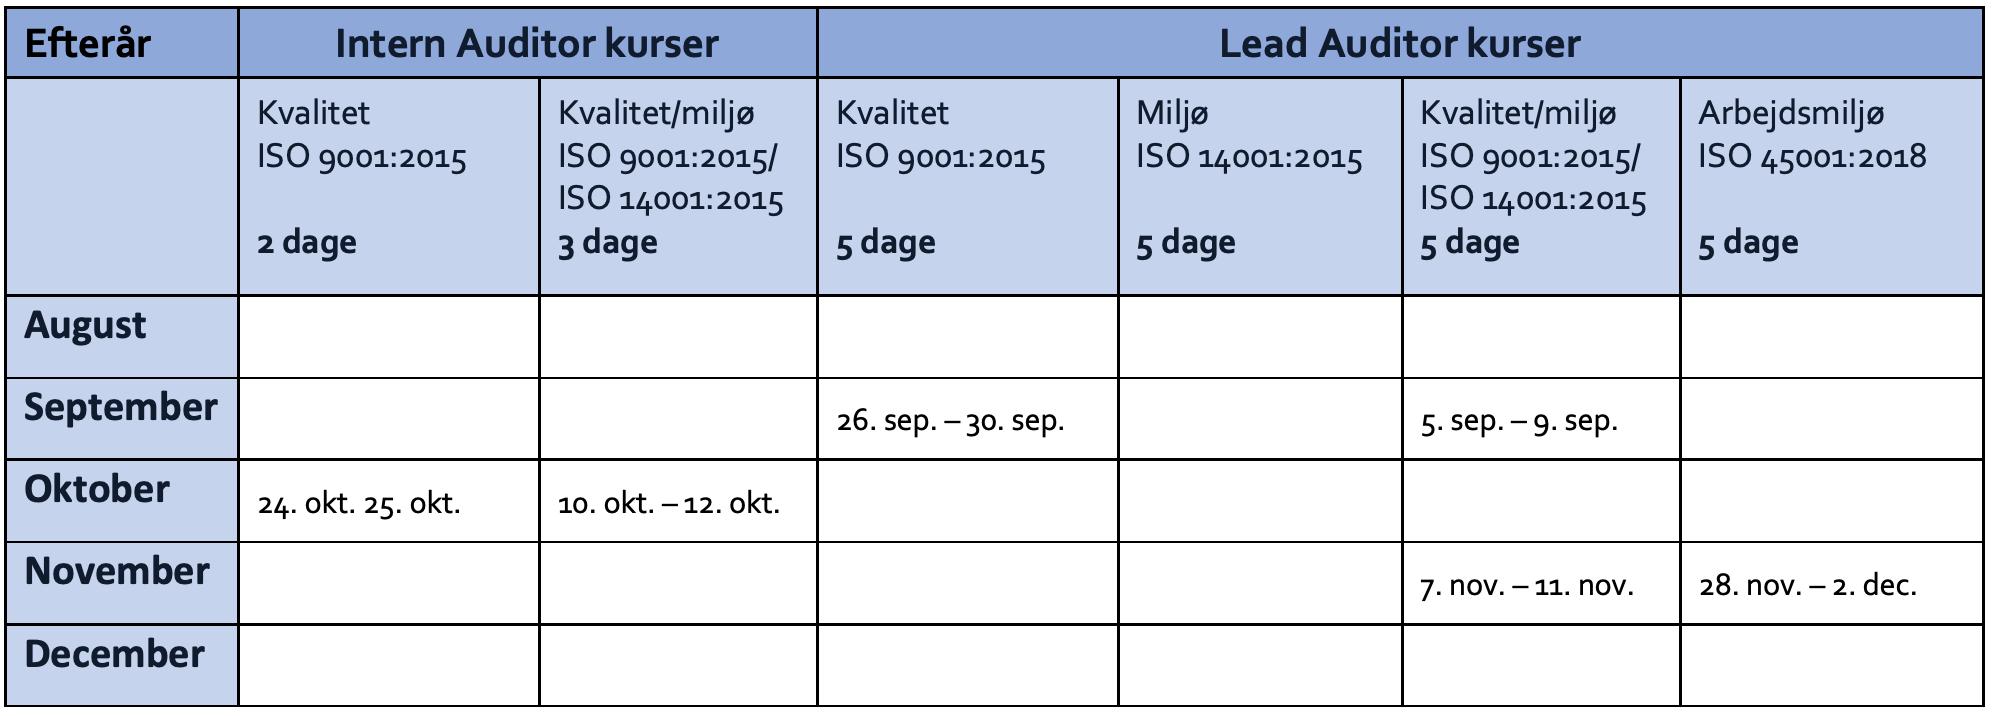 ISO kurser i efteråret 2022